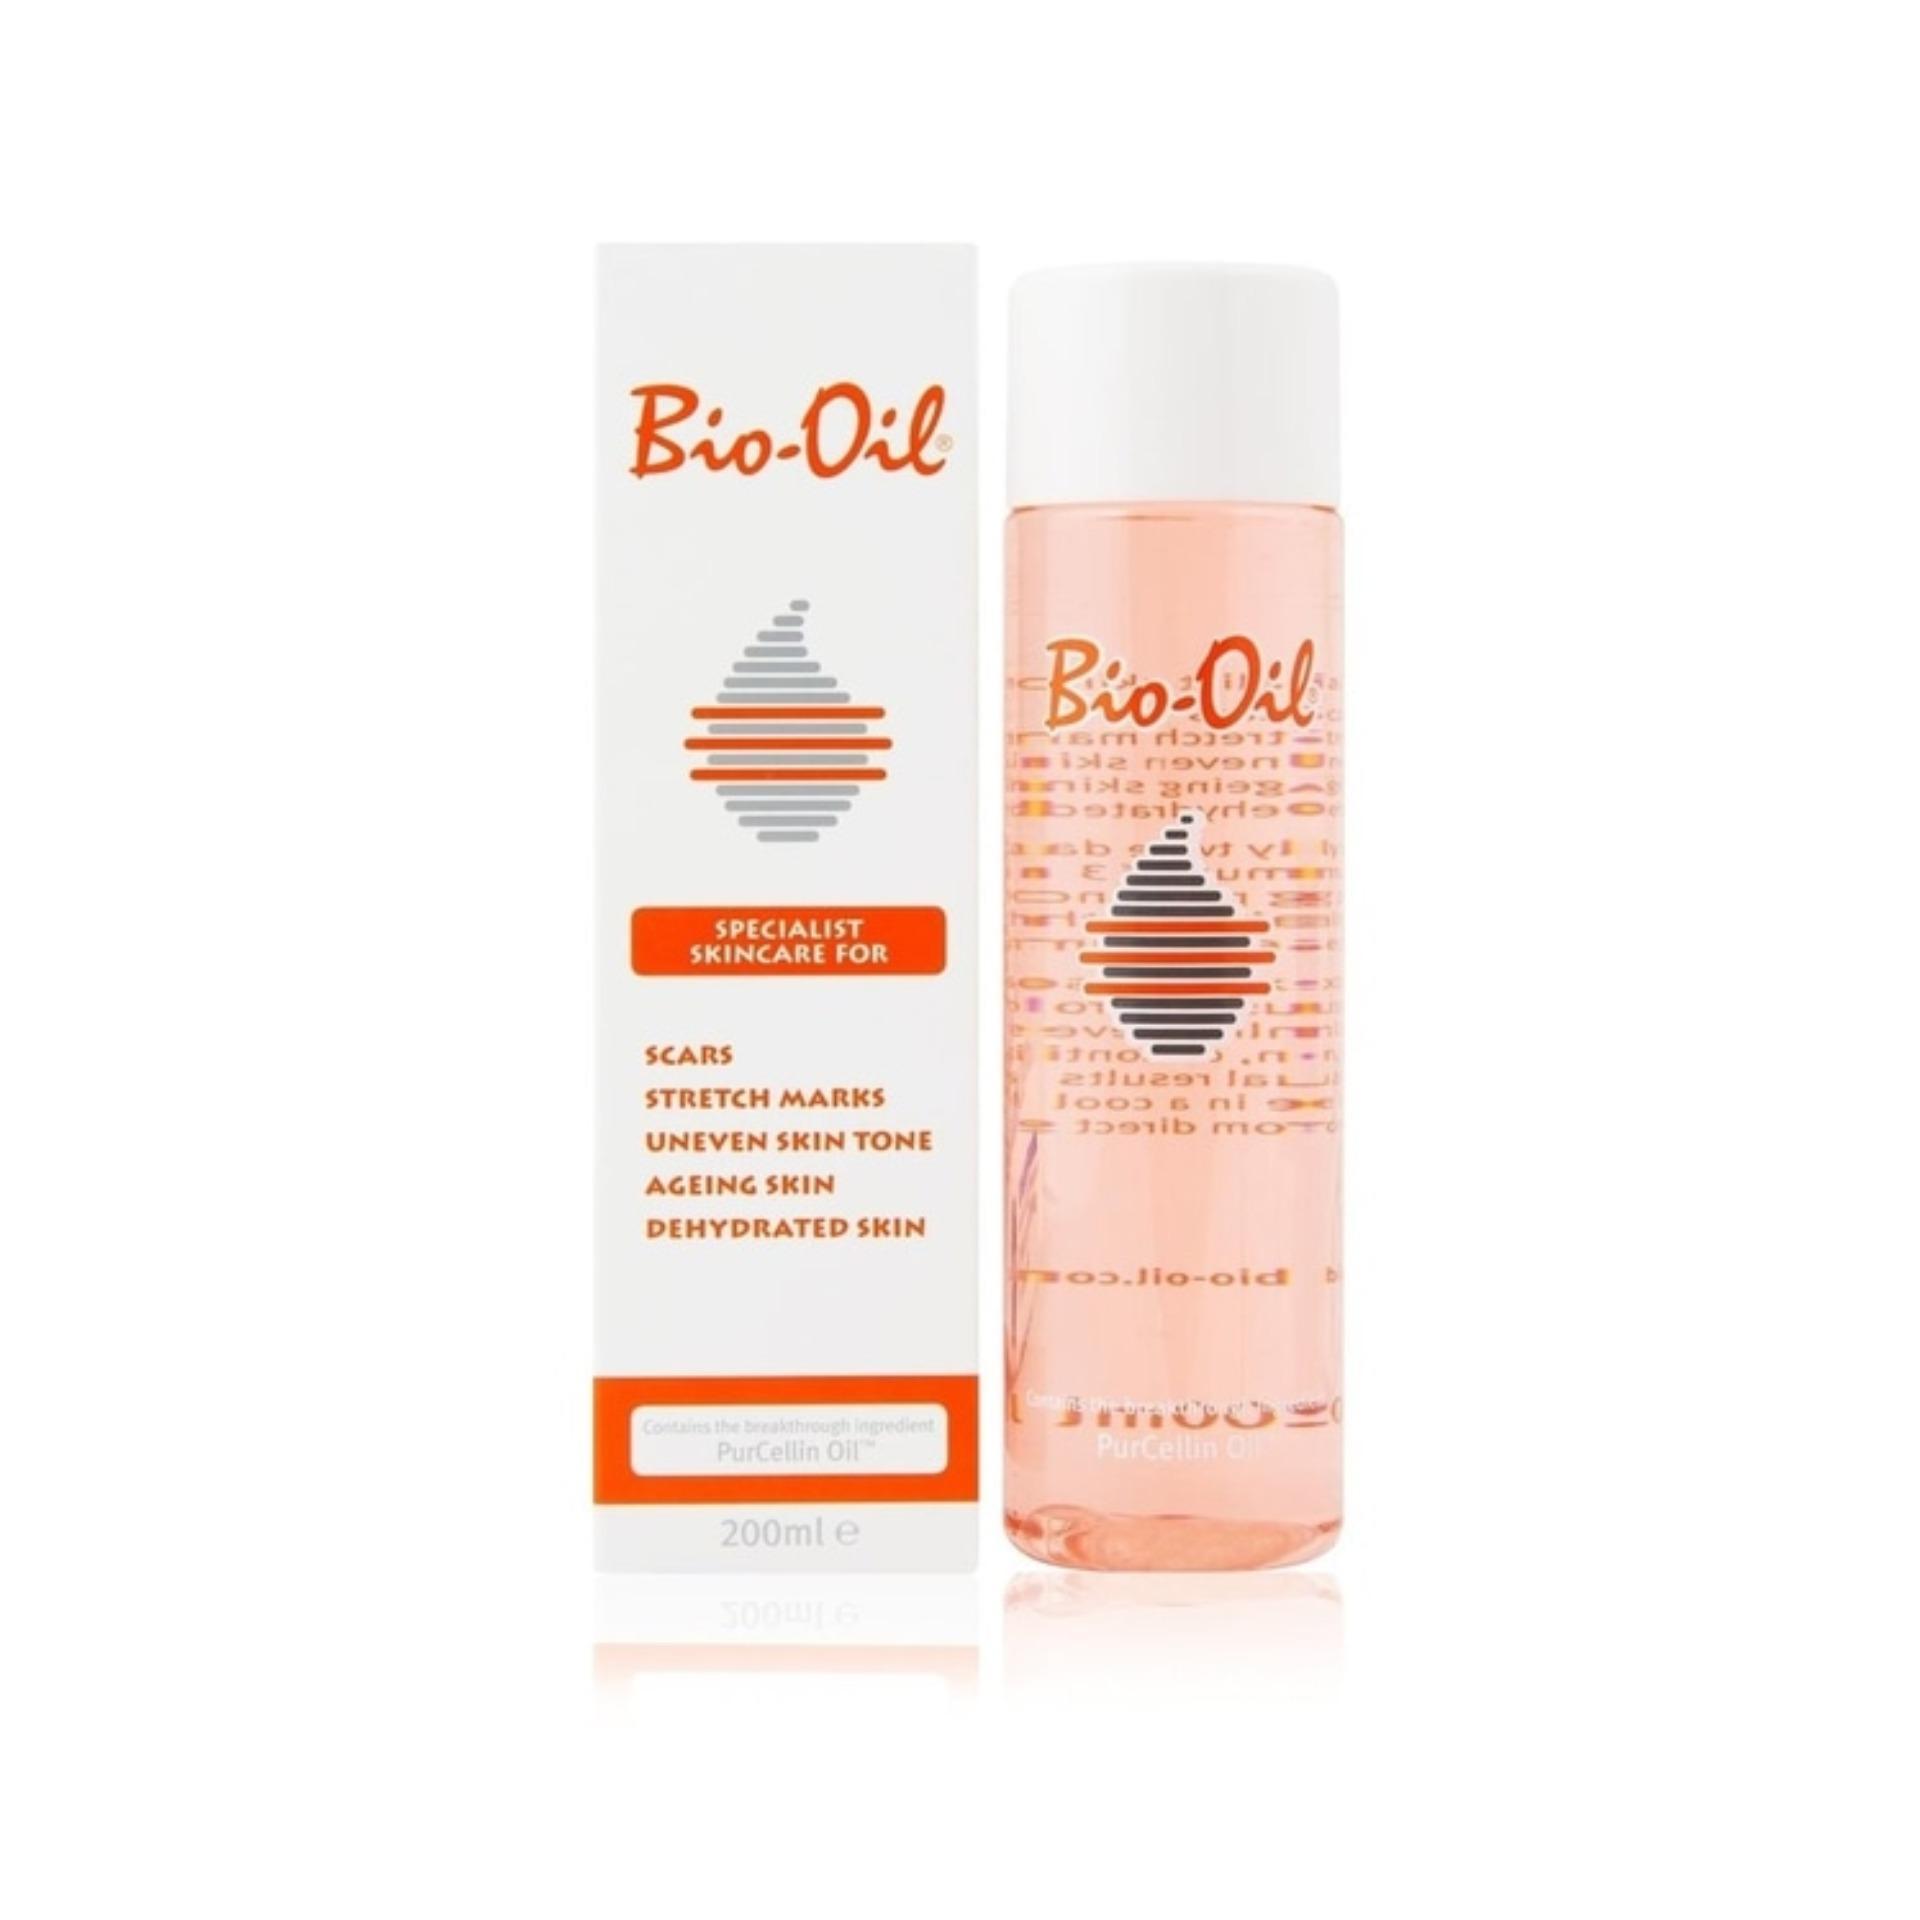 Bio Oil 200Ml BioOil Penghilang Stretch Marks Uneven Skin Tone